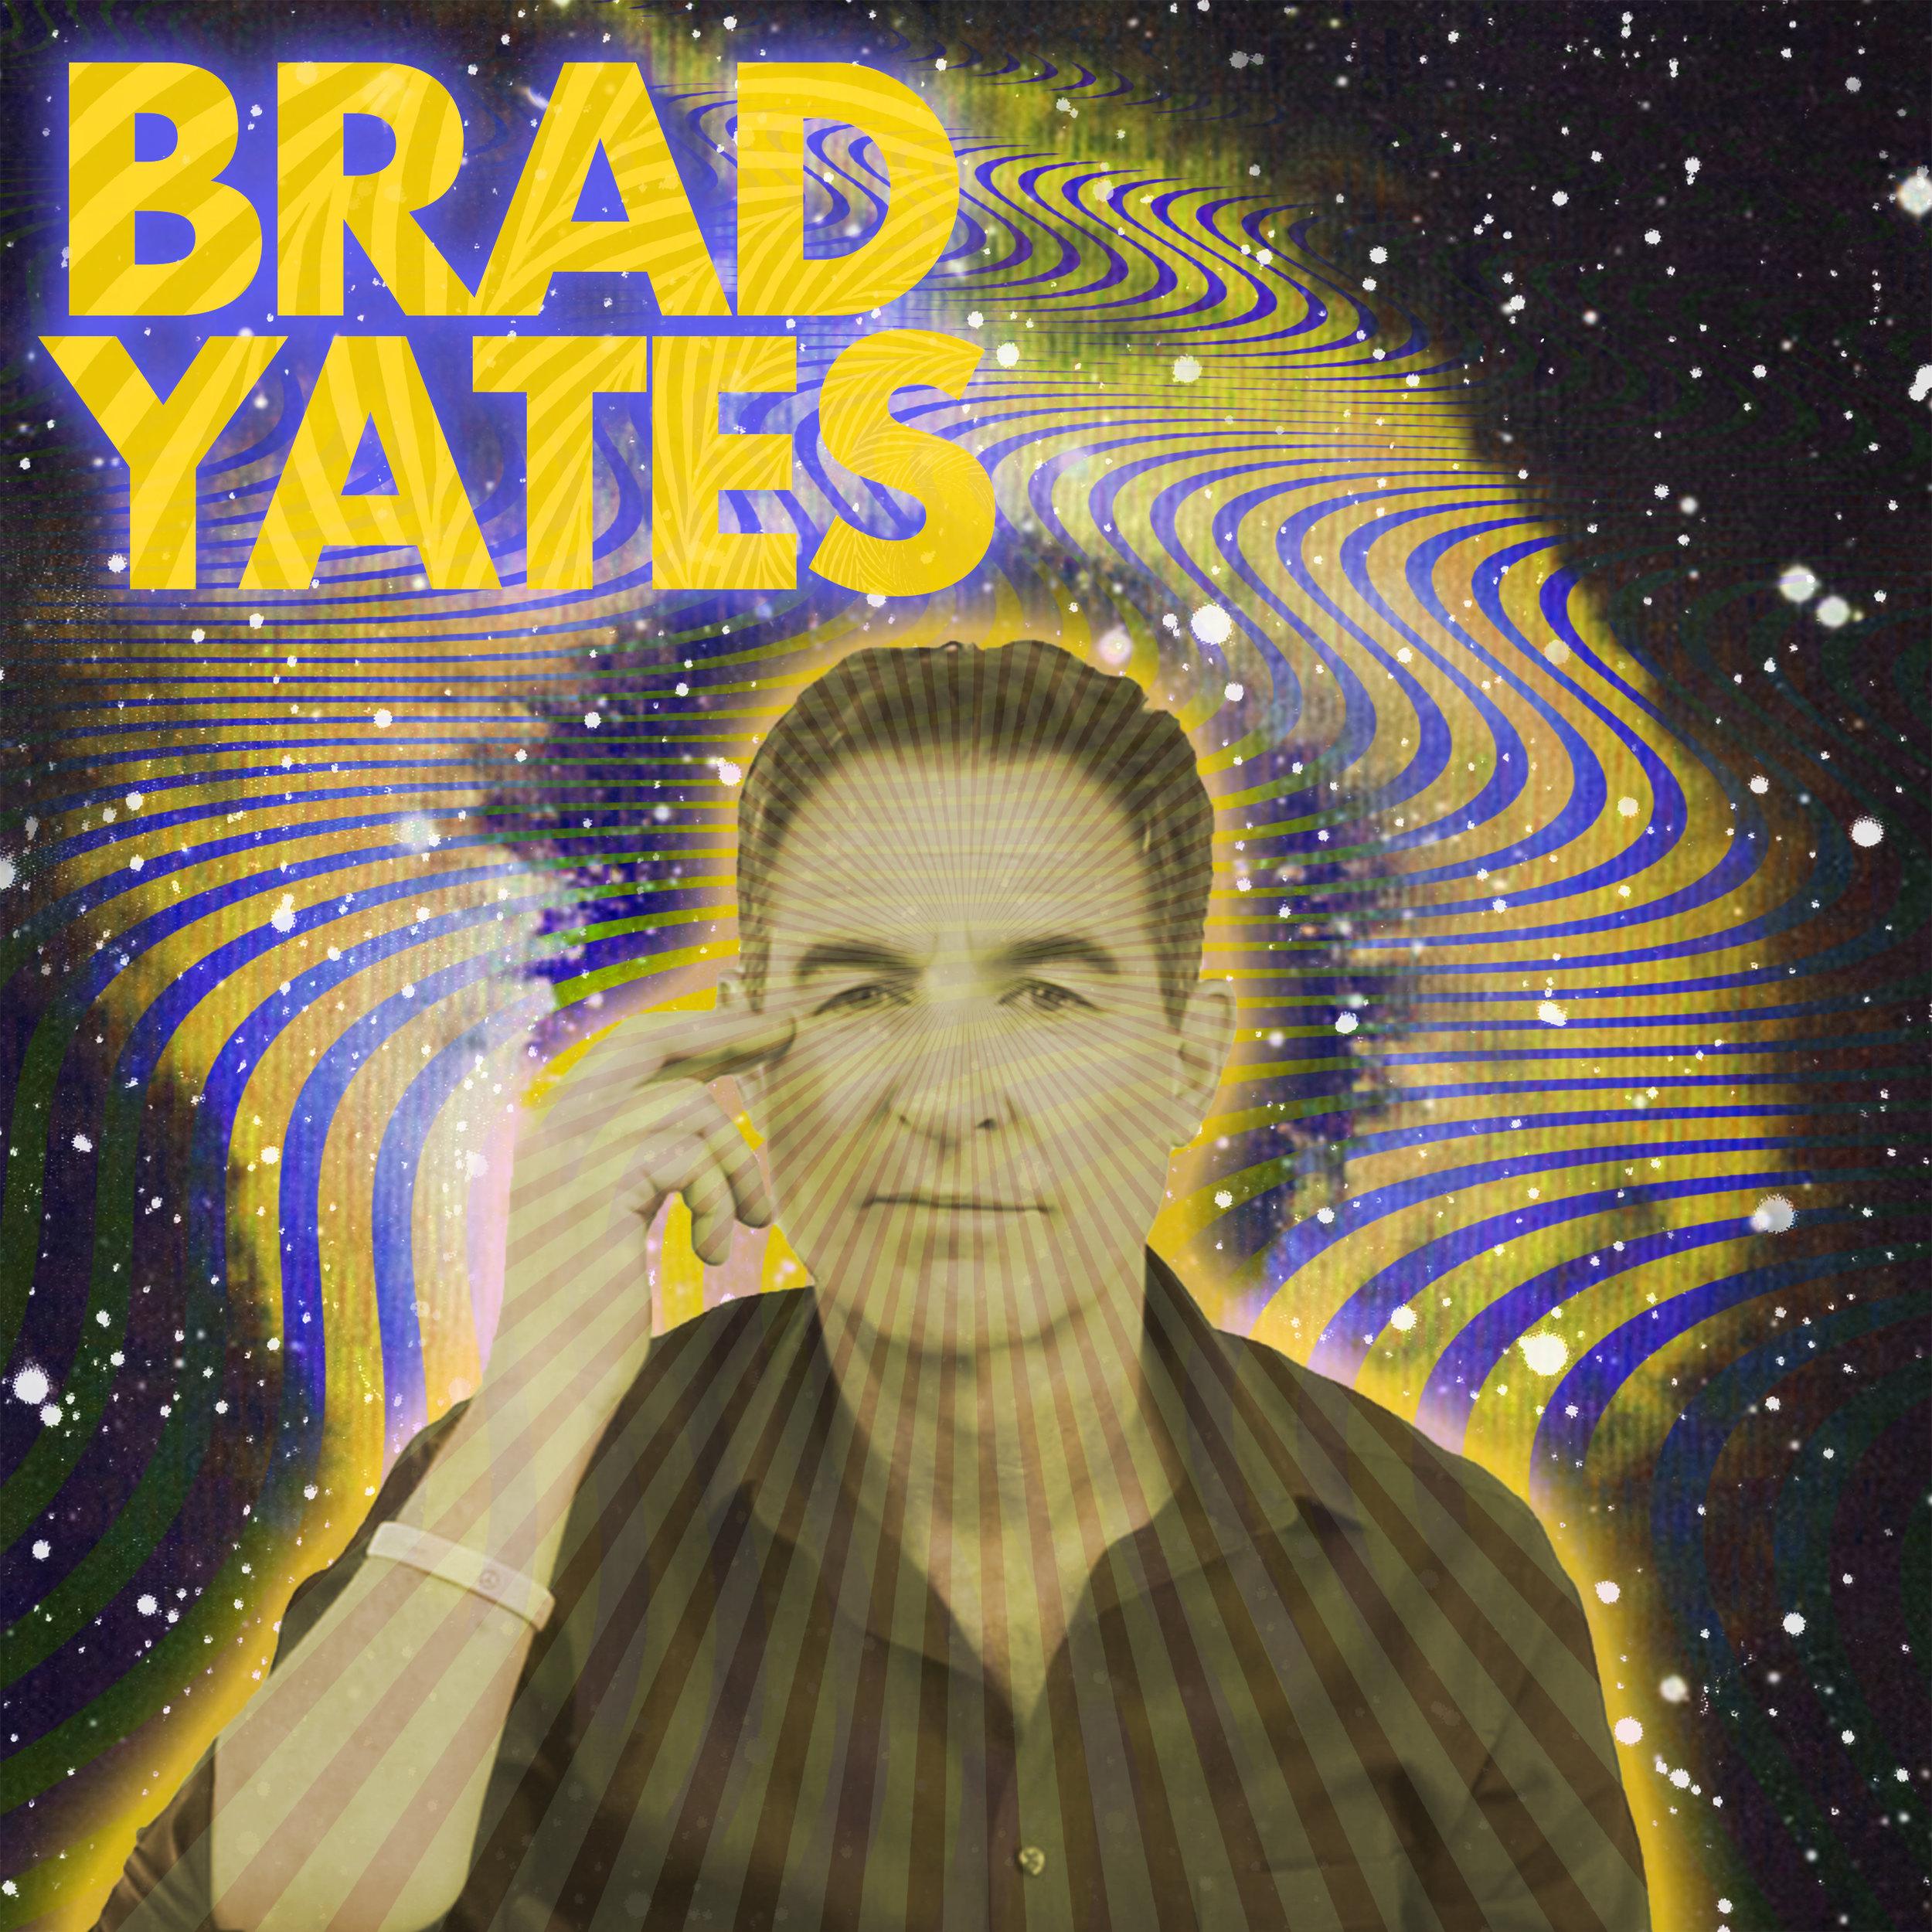 brad yates.jpg